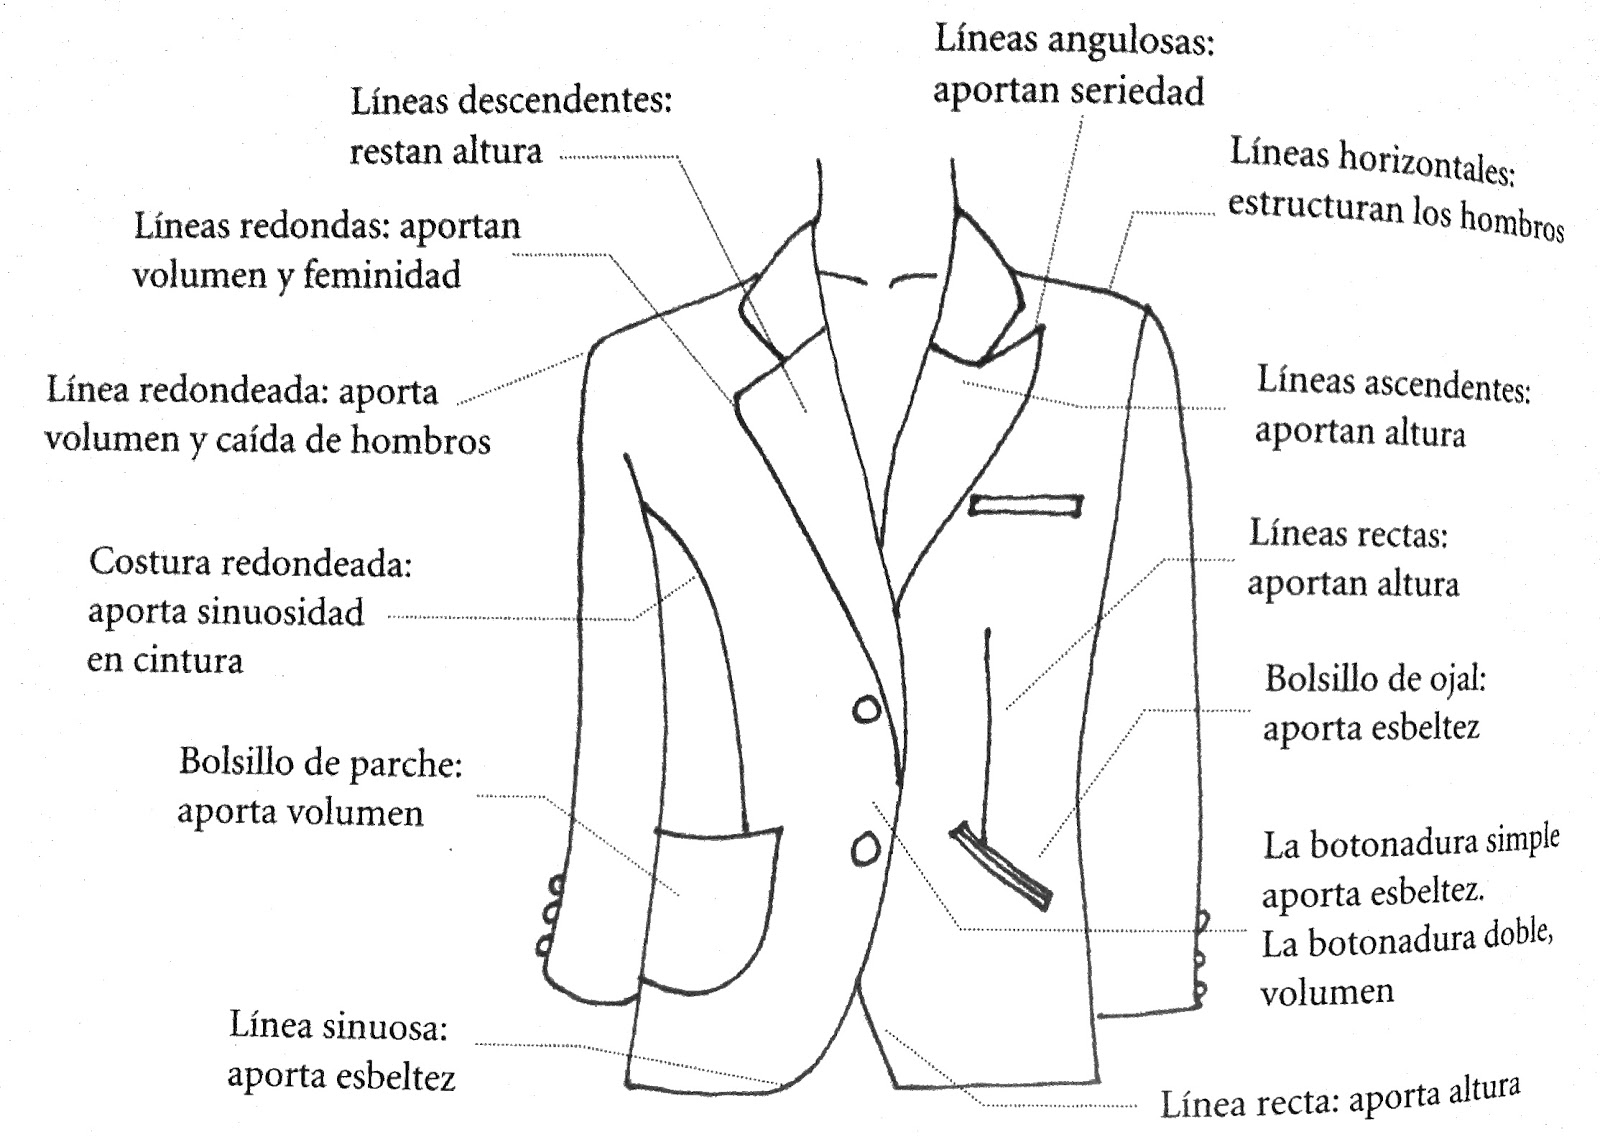 chaqueta, prendas de vestir, combinar la ropa, moda peru